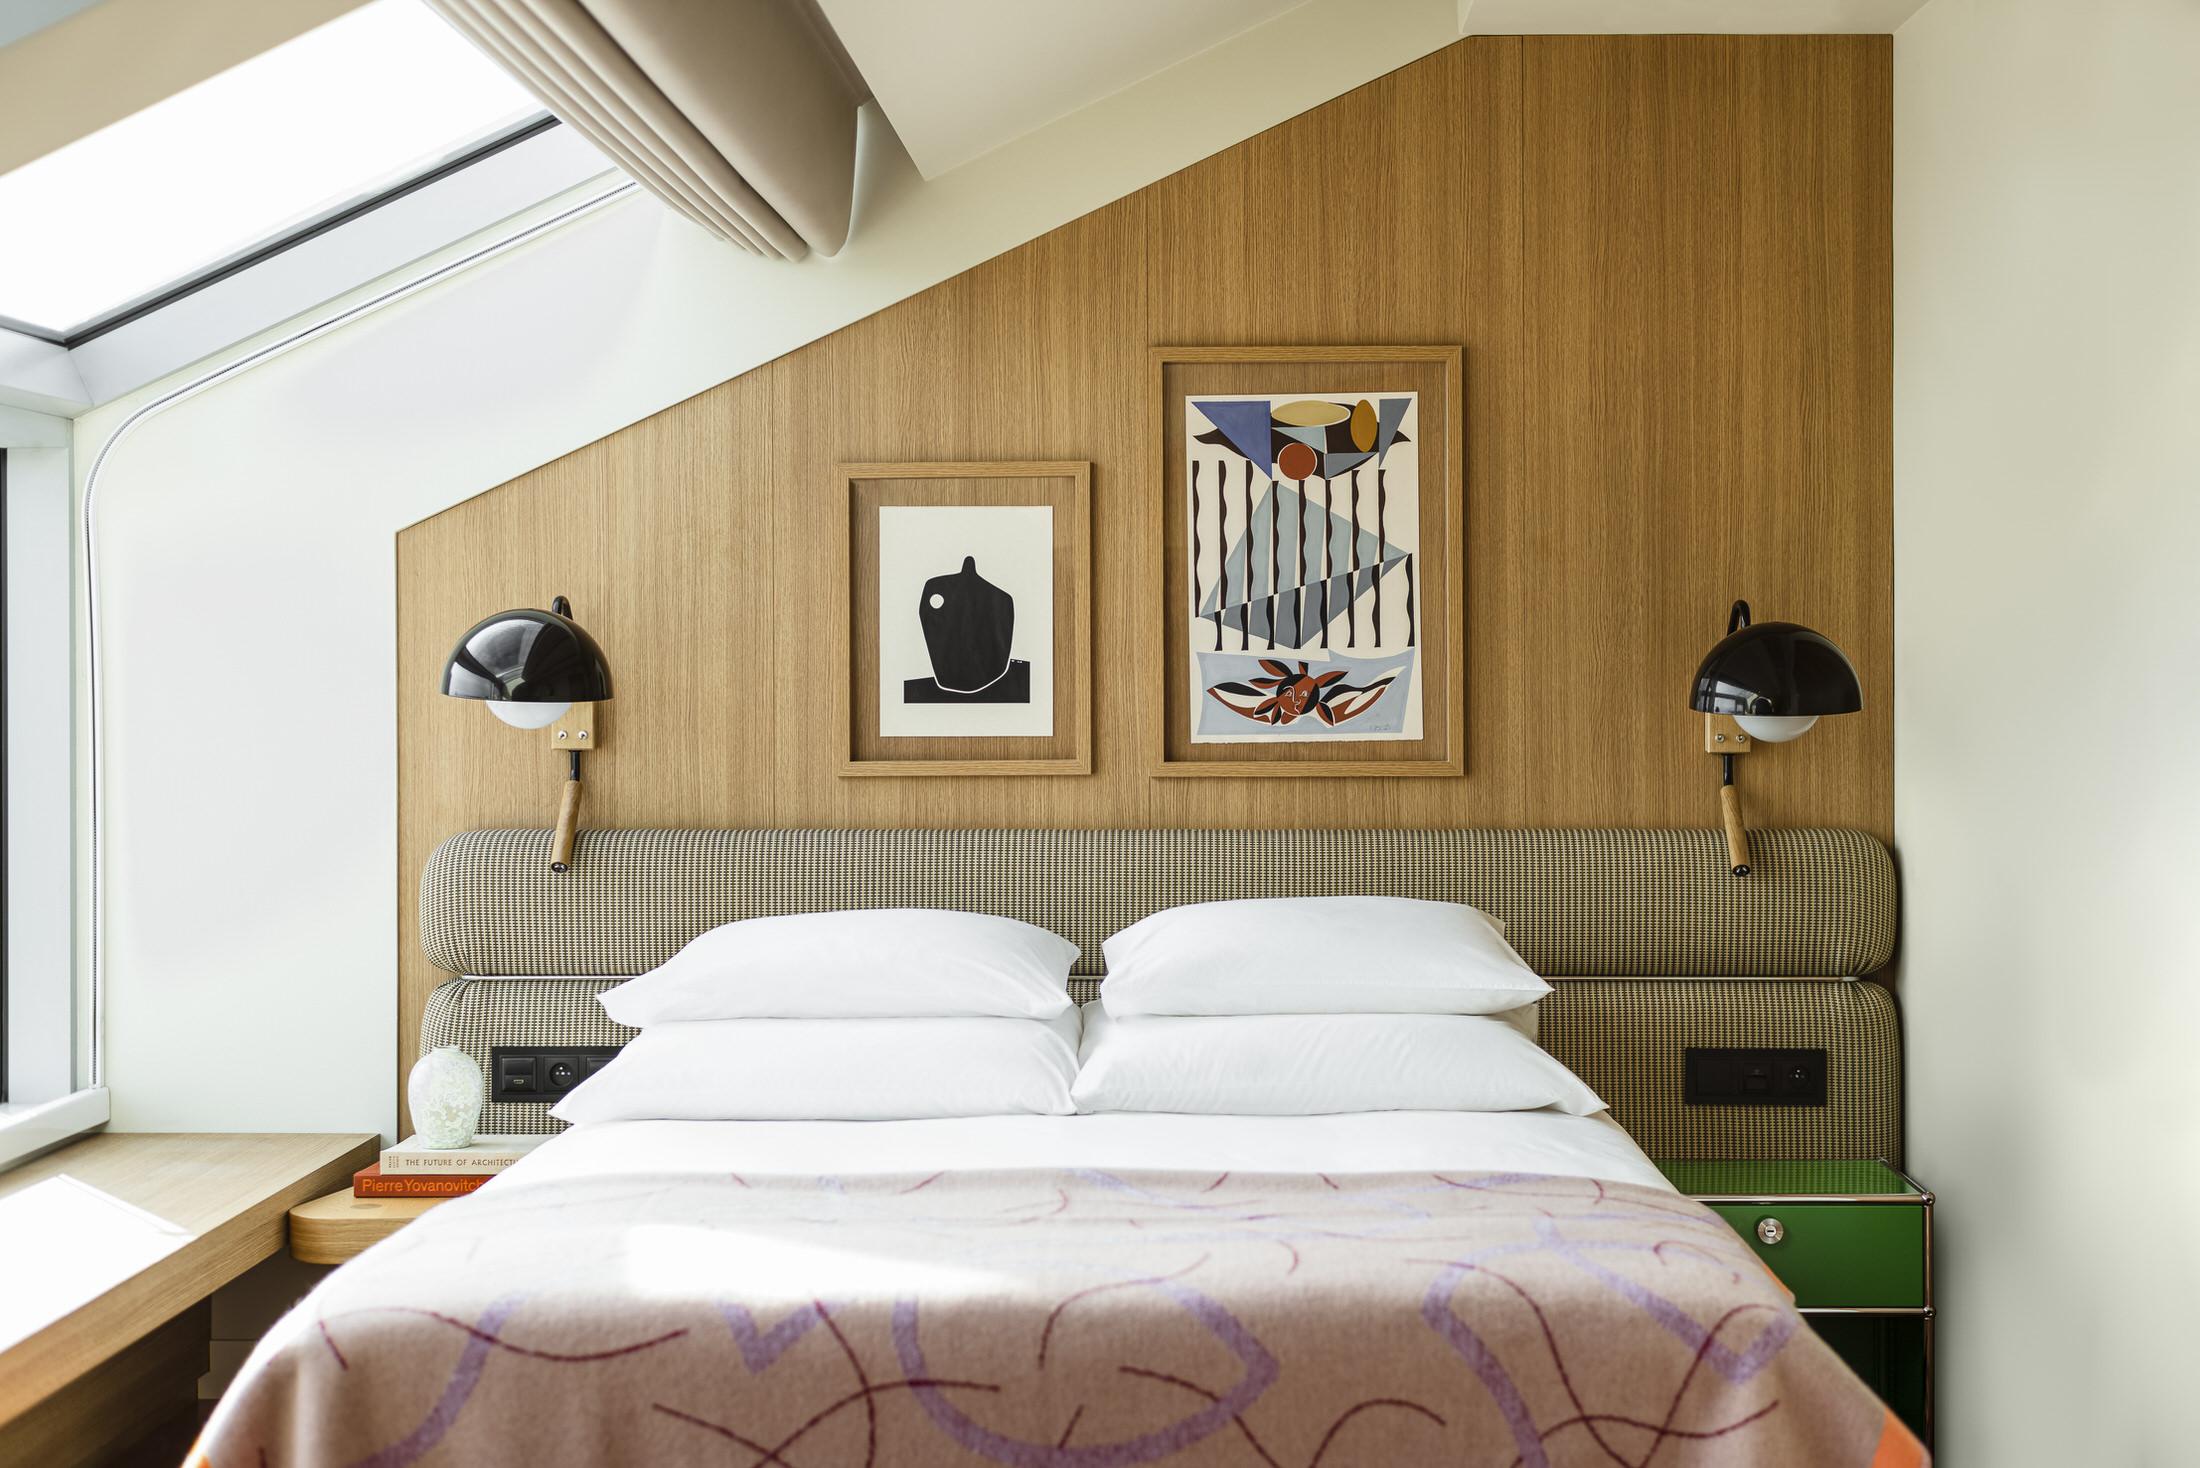 Paradowski Studio Puro Hotel Krakow Photo Pion Studio Yellowtrace 42